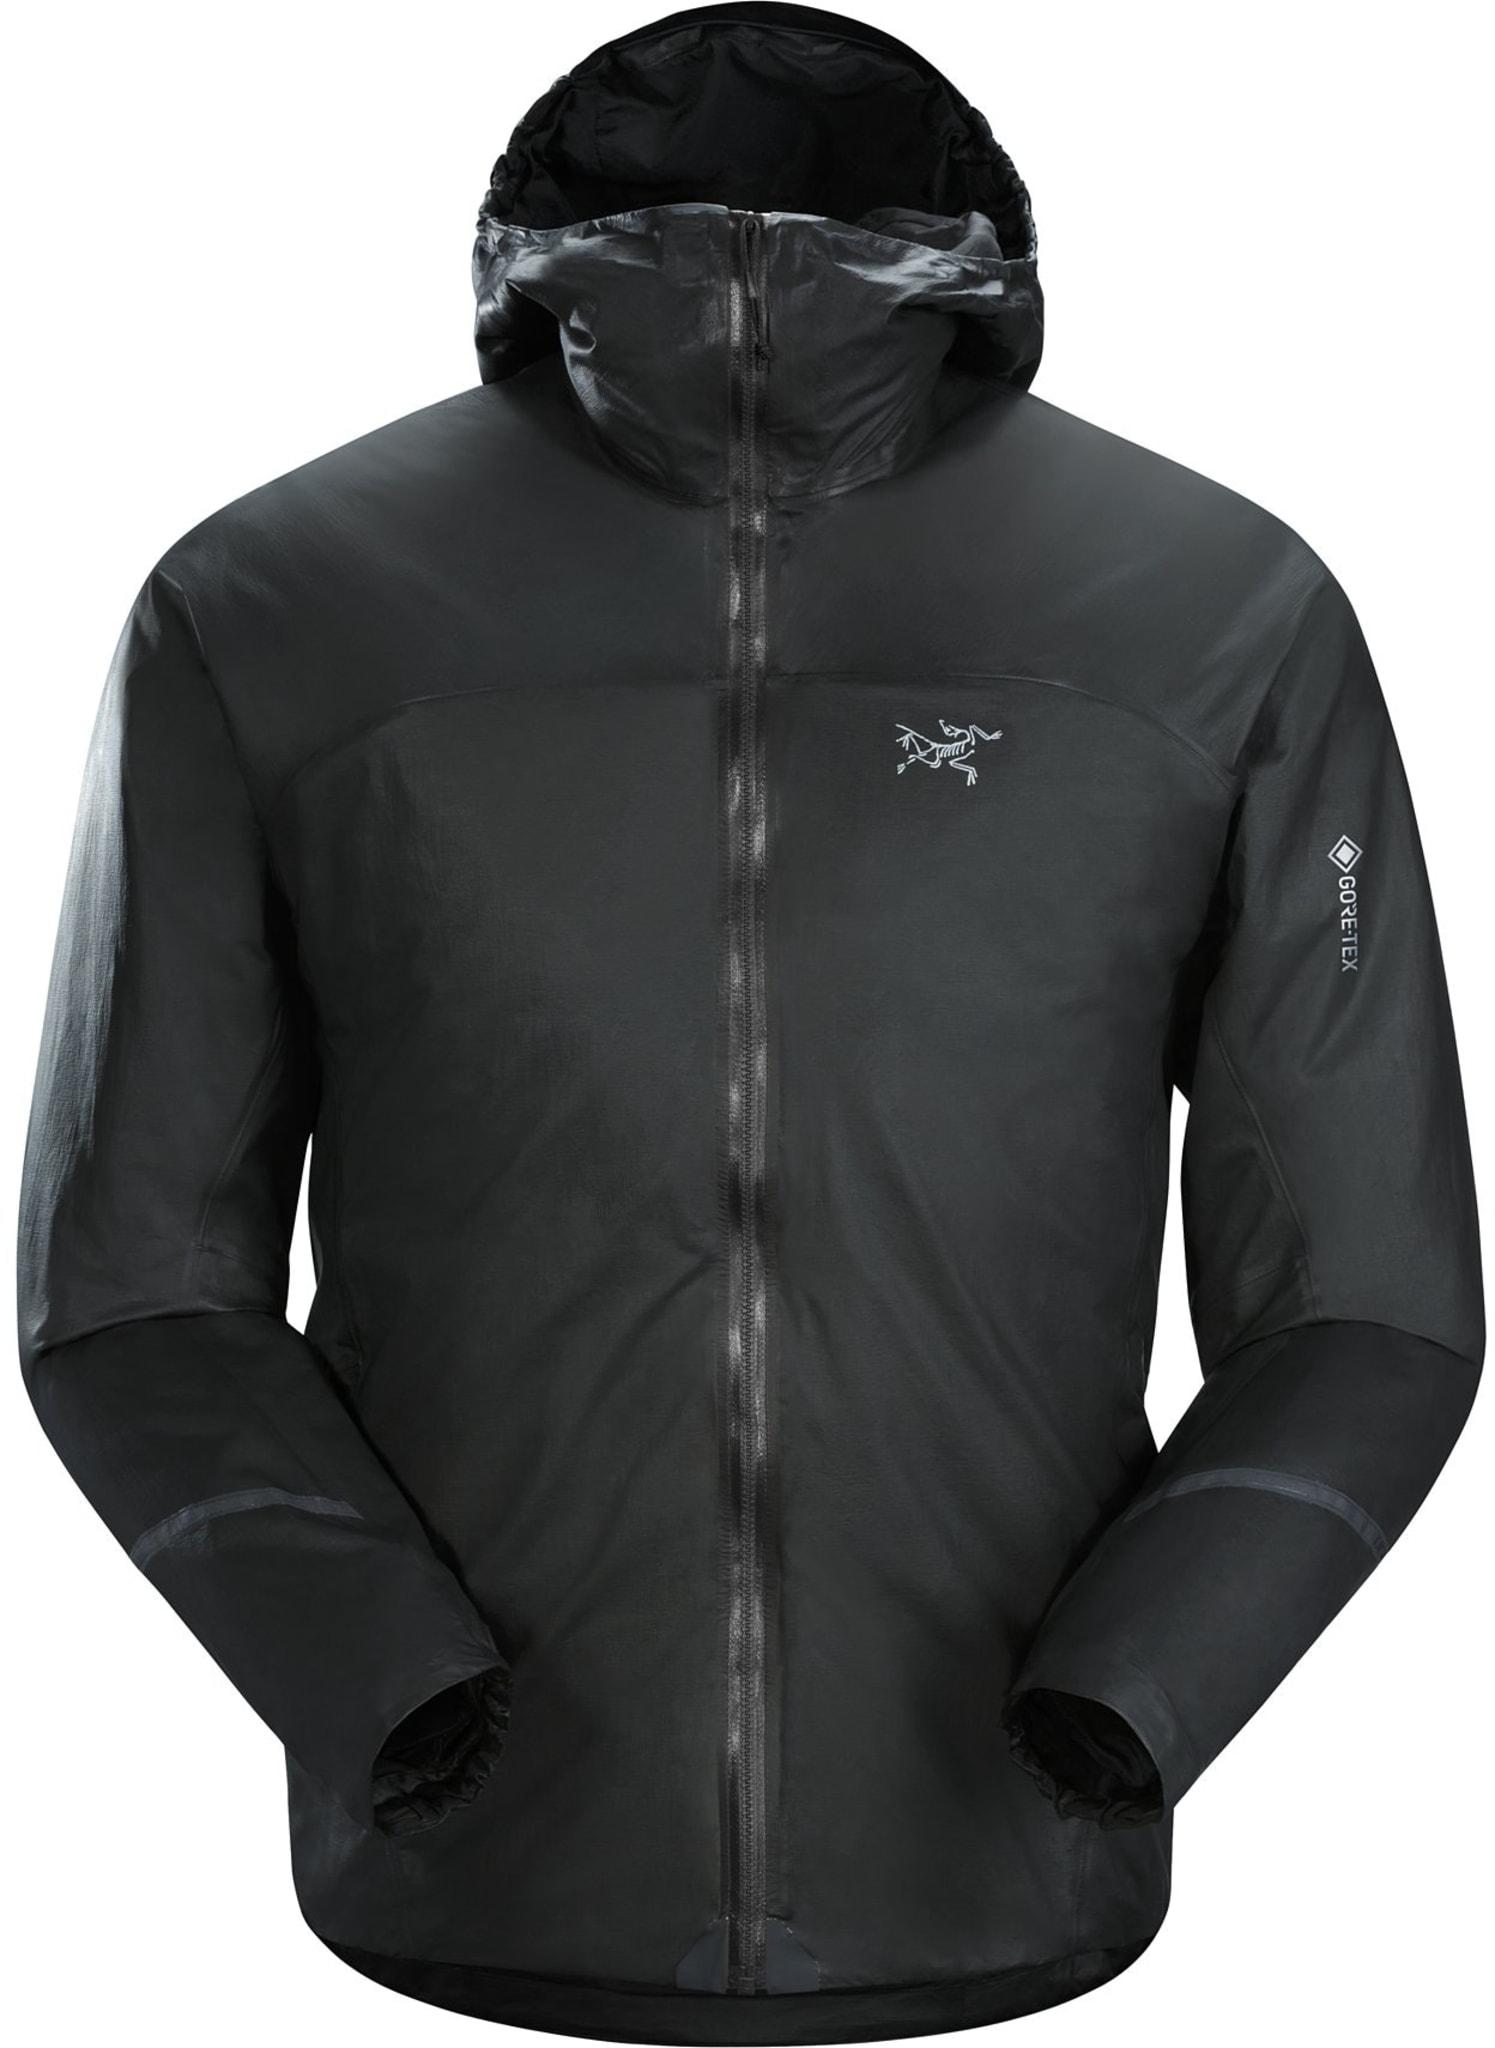 Arcteryx sin letteste vanntette og isolerte jakke